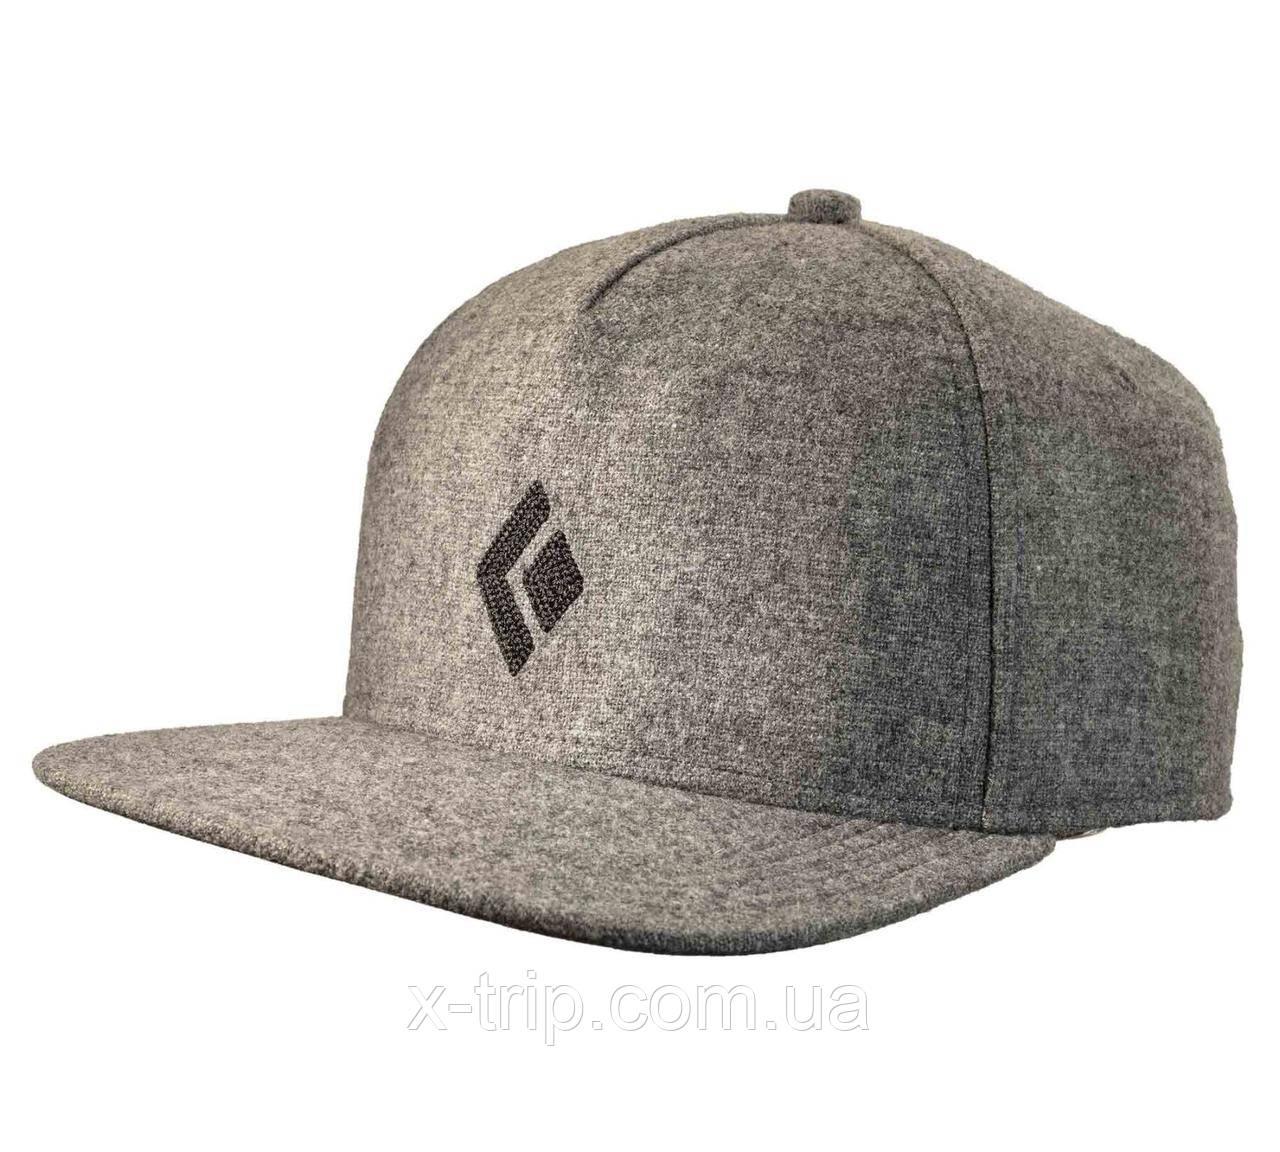 Кепка Black Diamond Wool Trucher Hat Nickel, L/XL (BD SQ9S.105-L/XL)